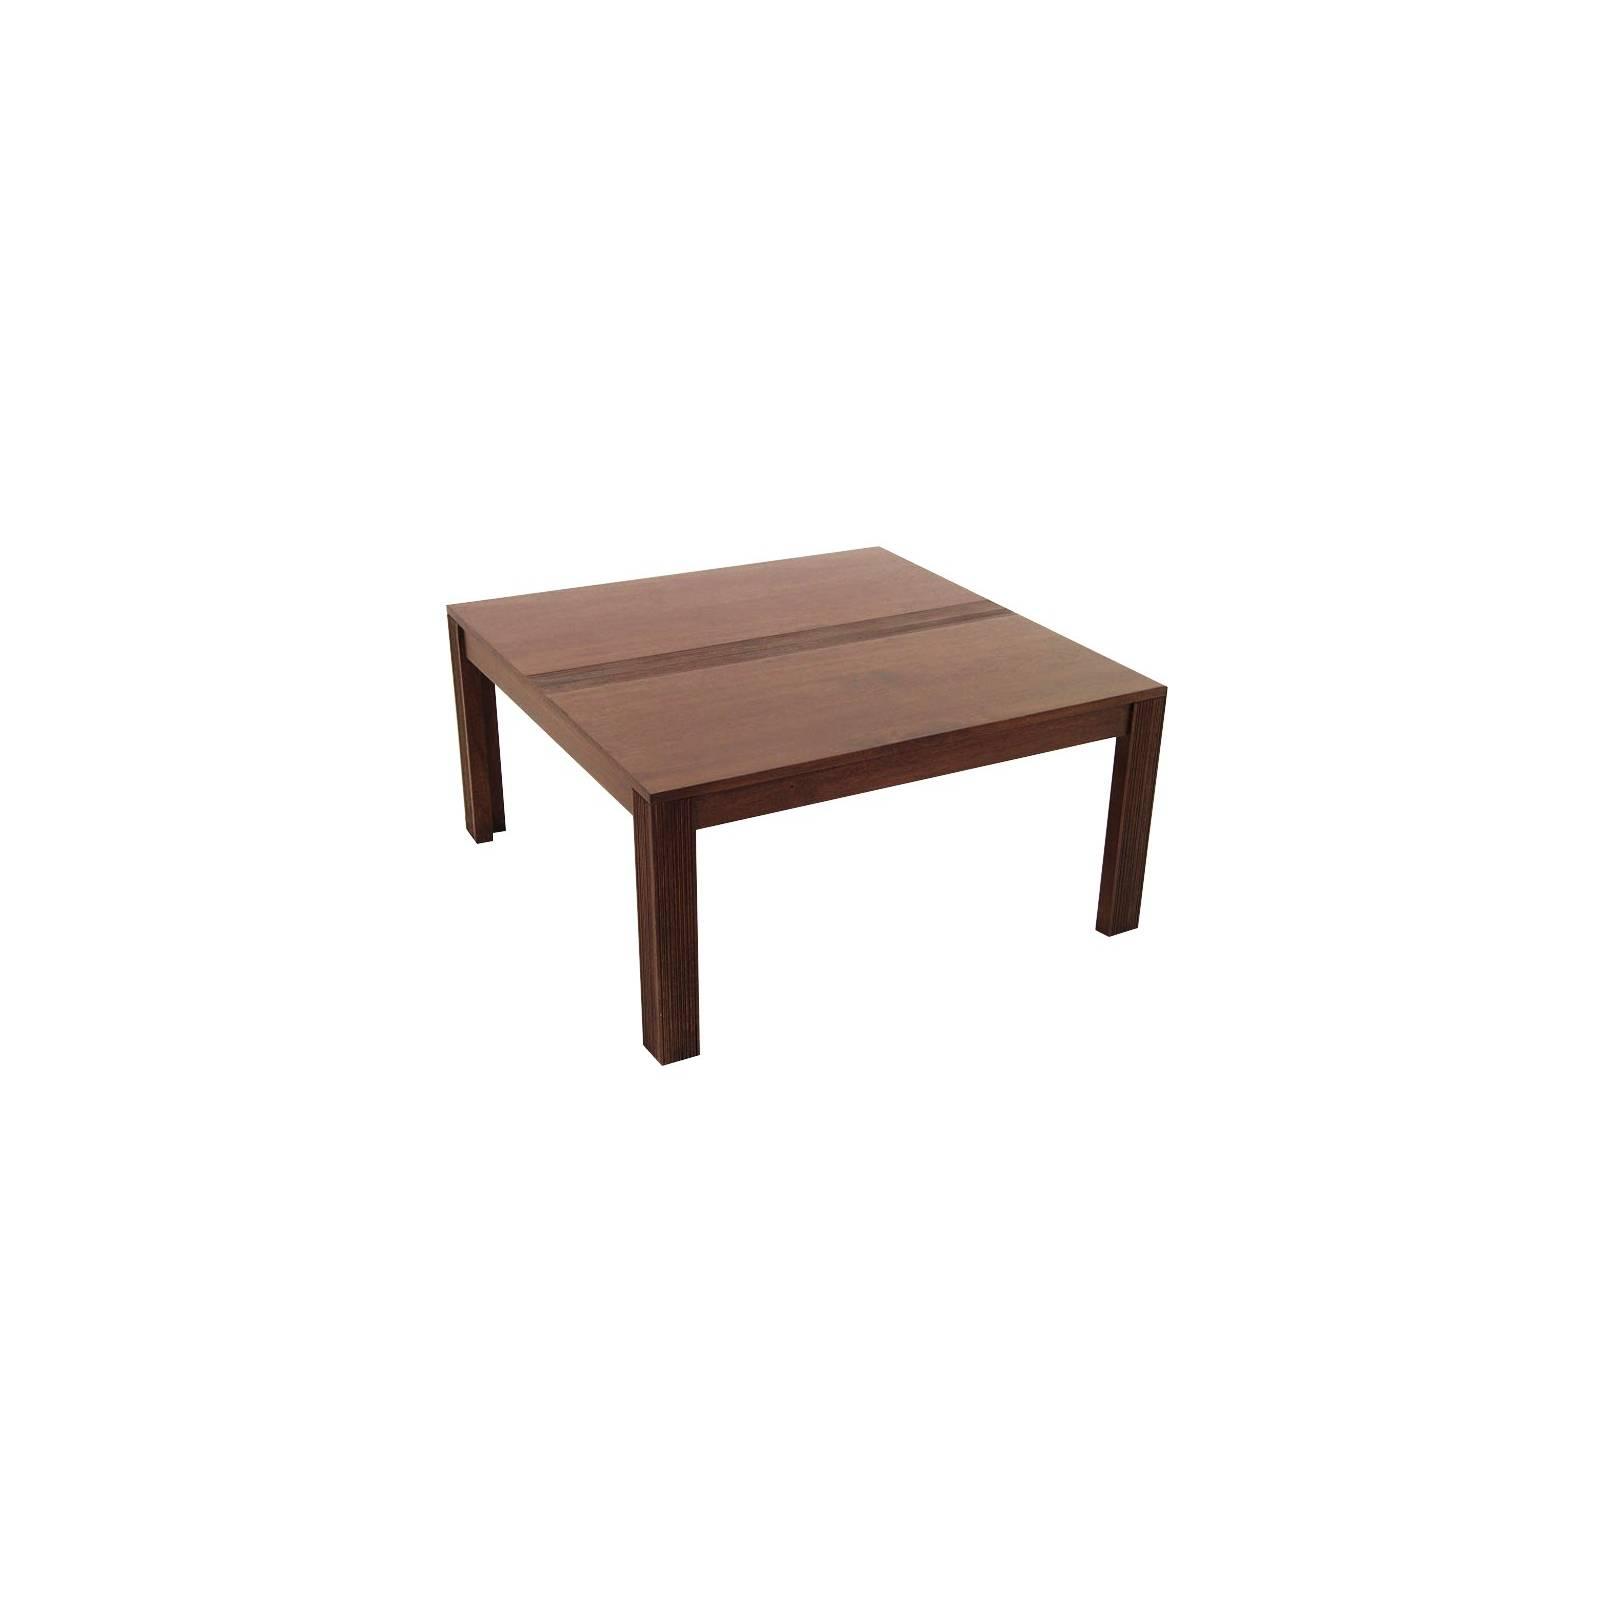 Table Basse Carrée Siguiri Hévéa - meuble colonial